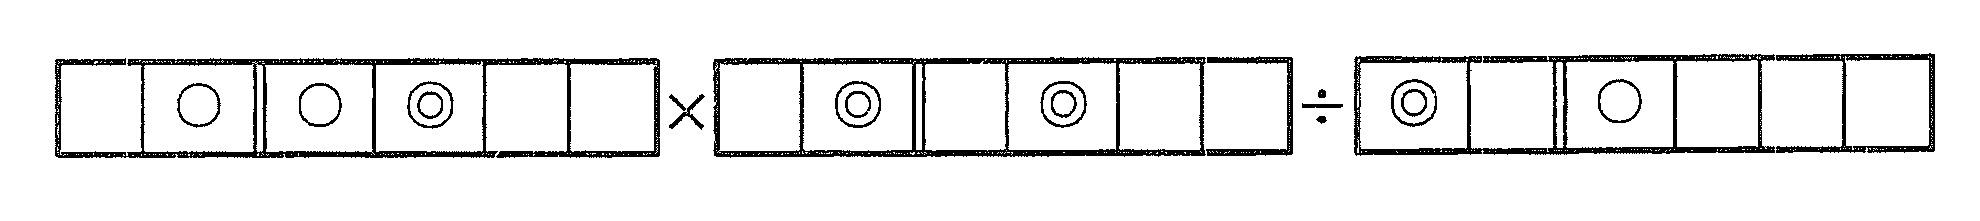 20150217165129f89.jpg